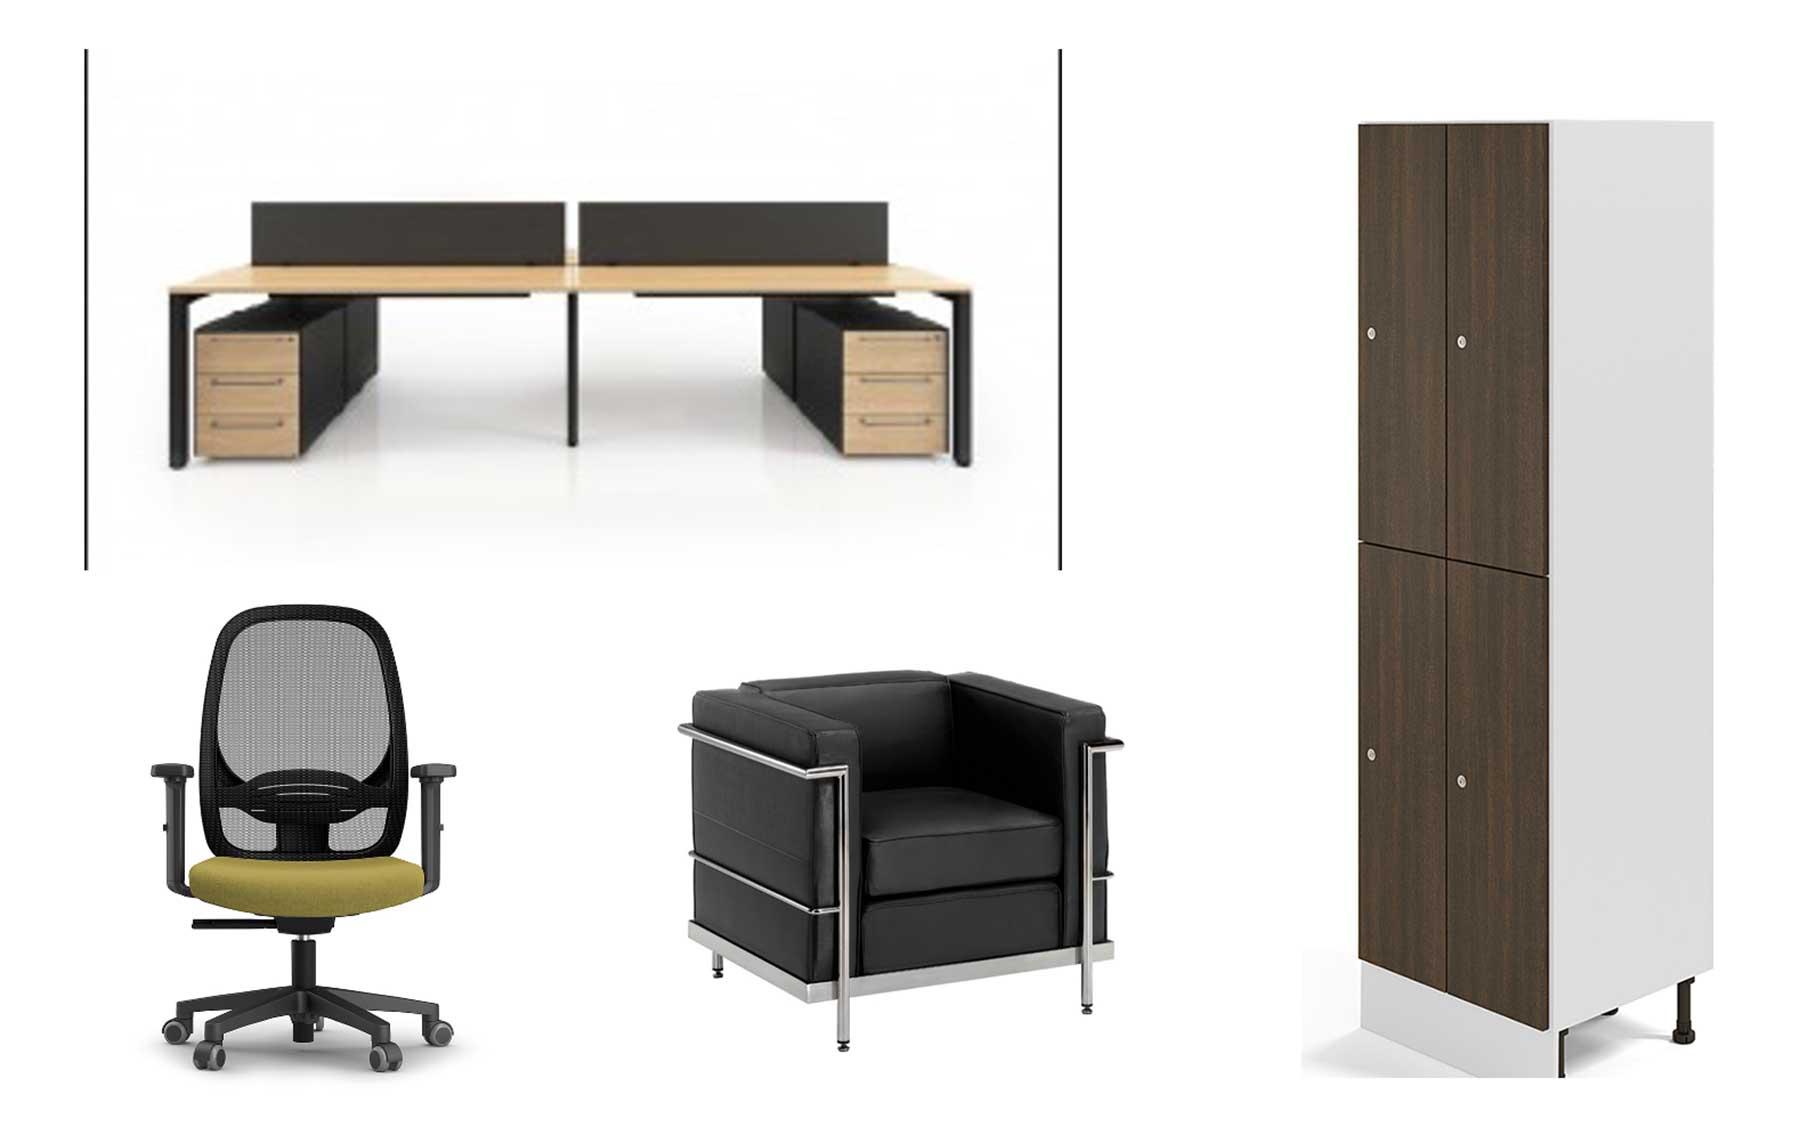 muebles de estilo industrial de Limobel Inwo